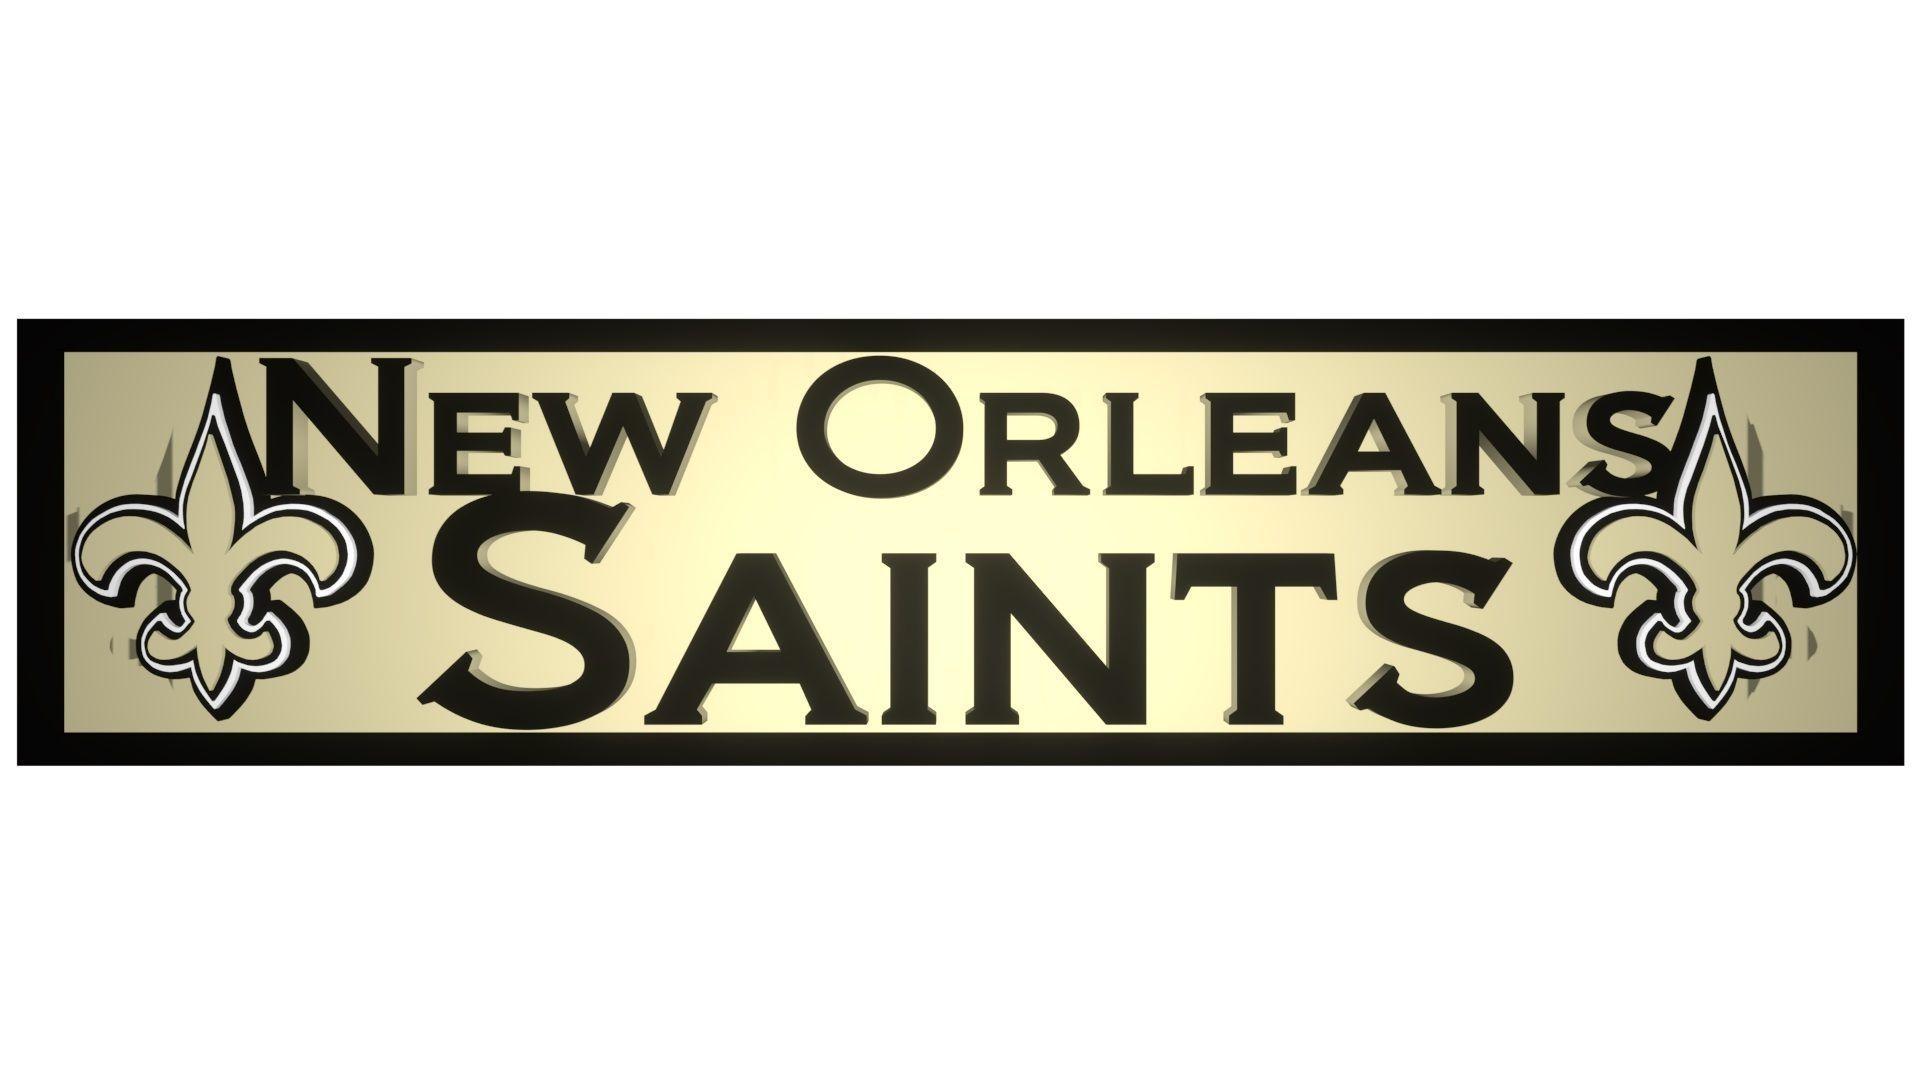 New Orleans Saints plate